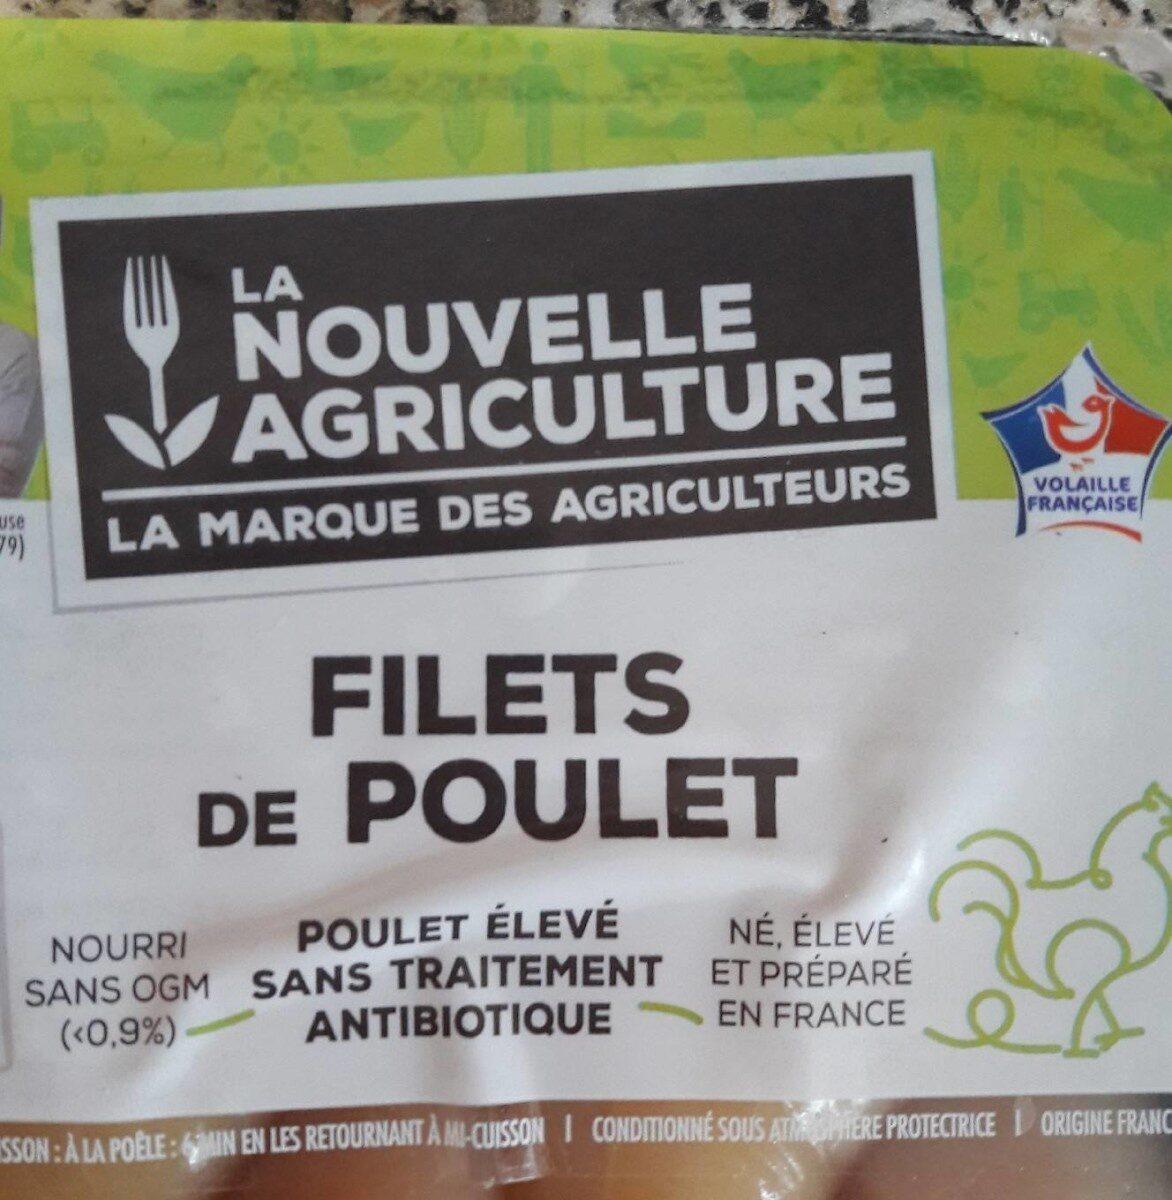 Filets de poulets - Product - fr